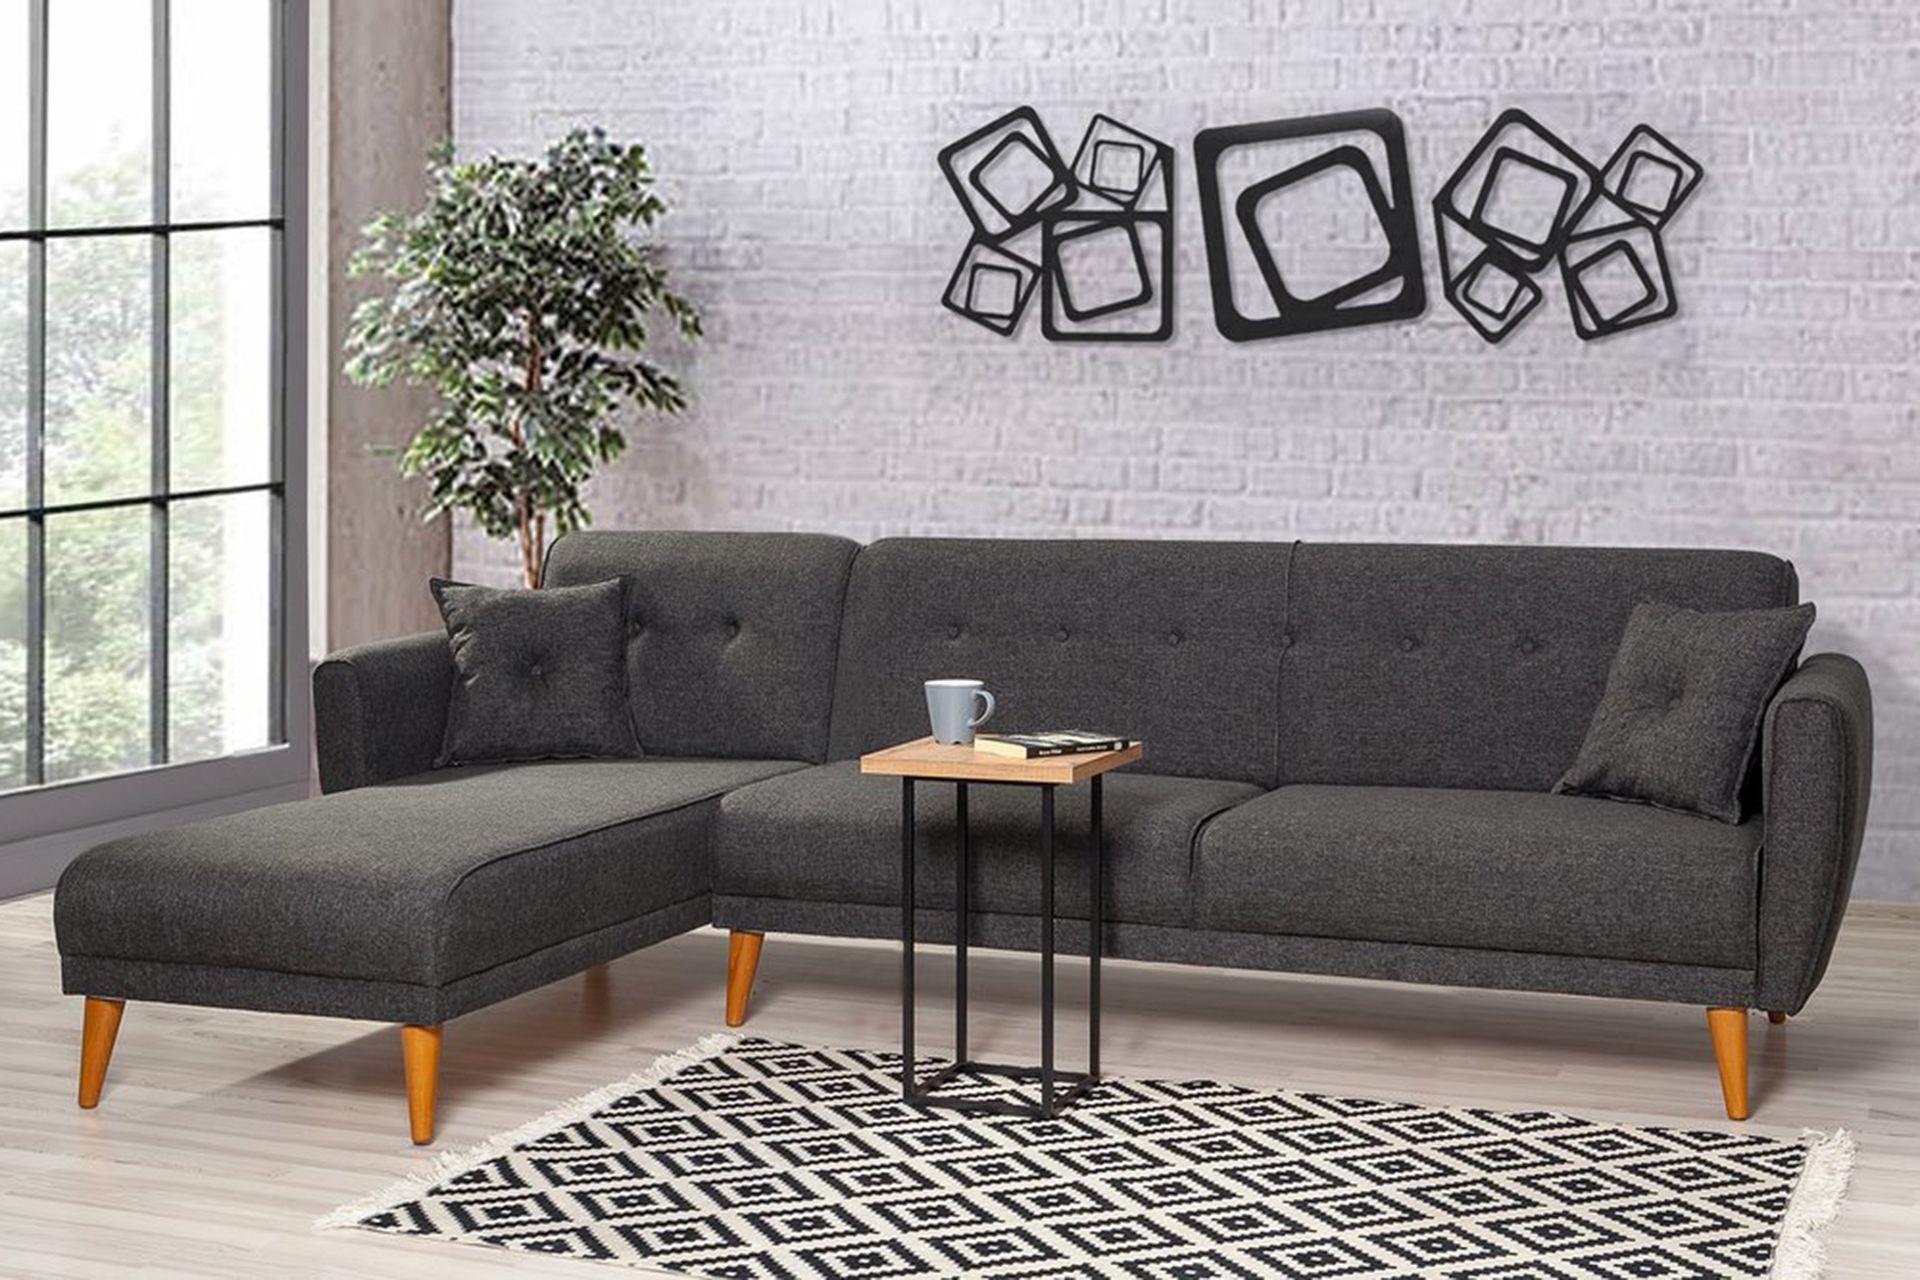 Aria Corner Sofa Bed, Anthracite Grey (Left)